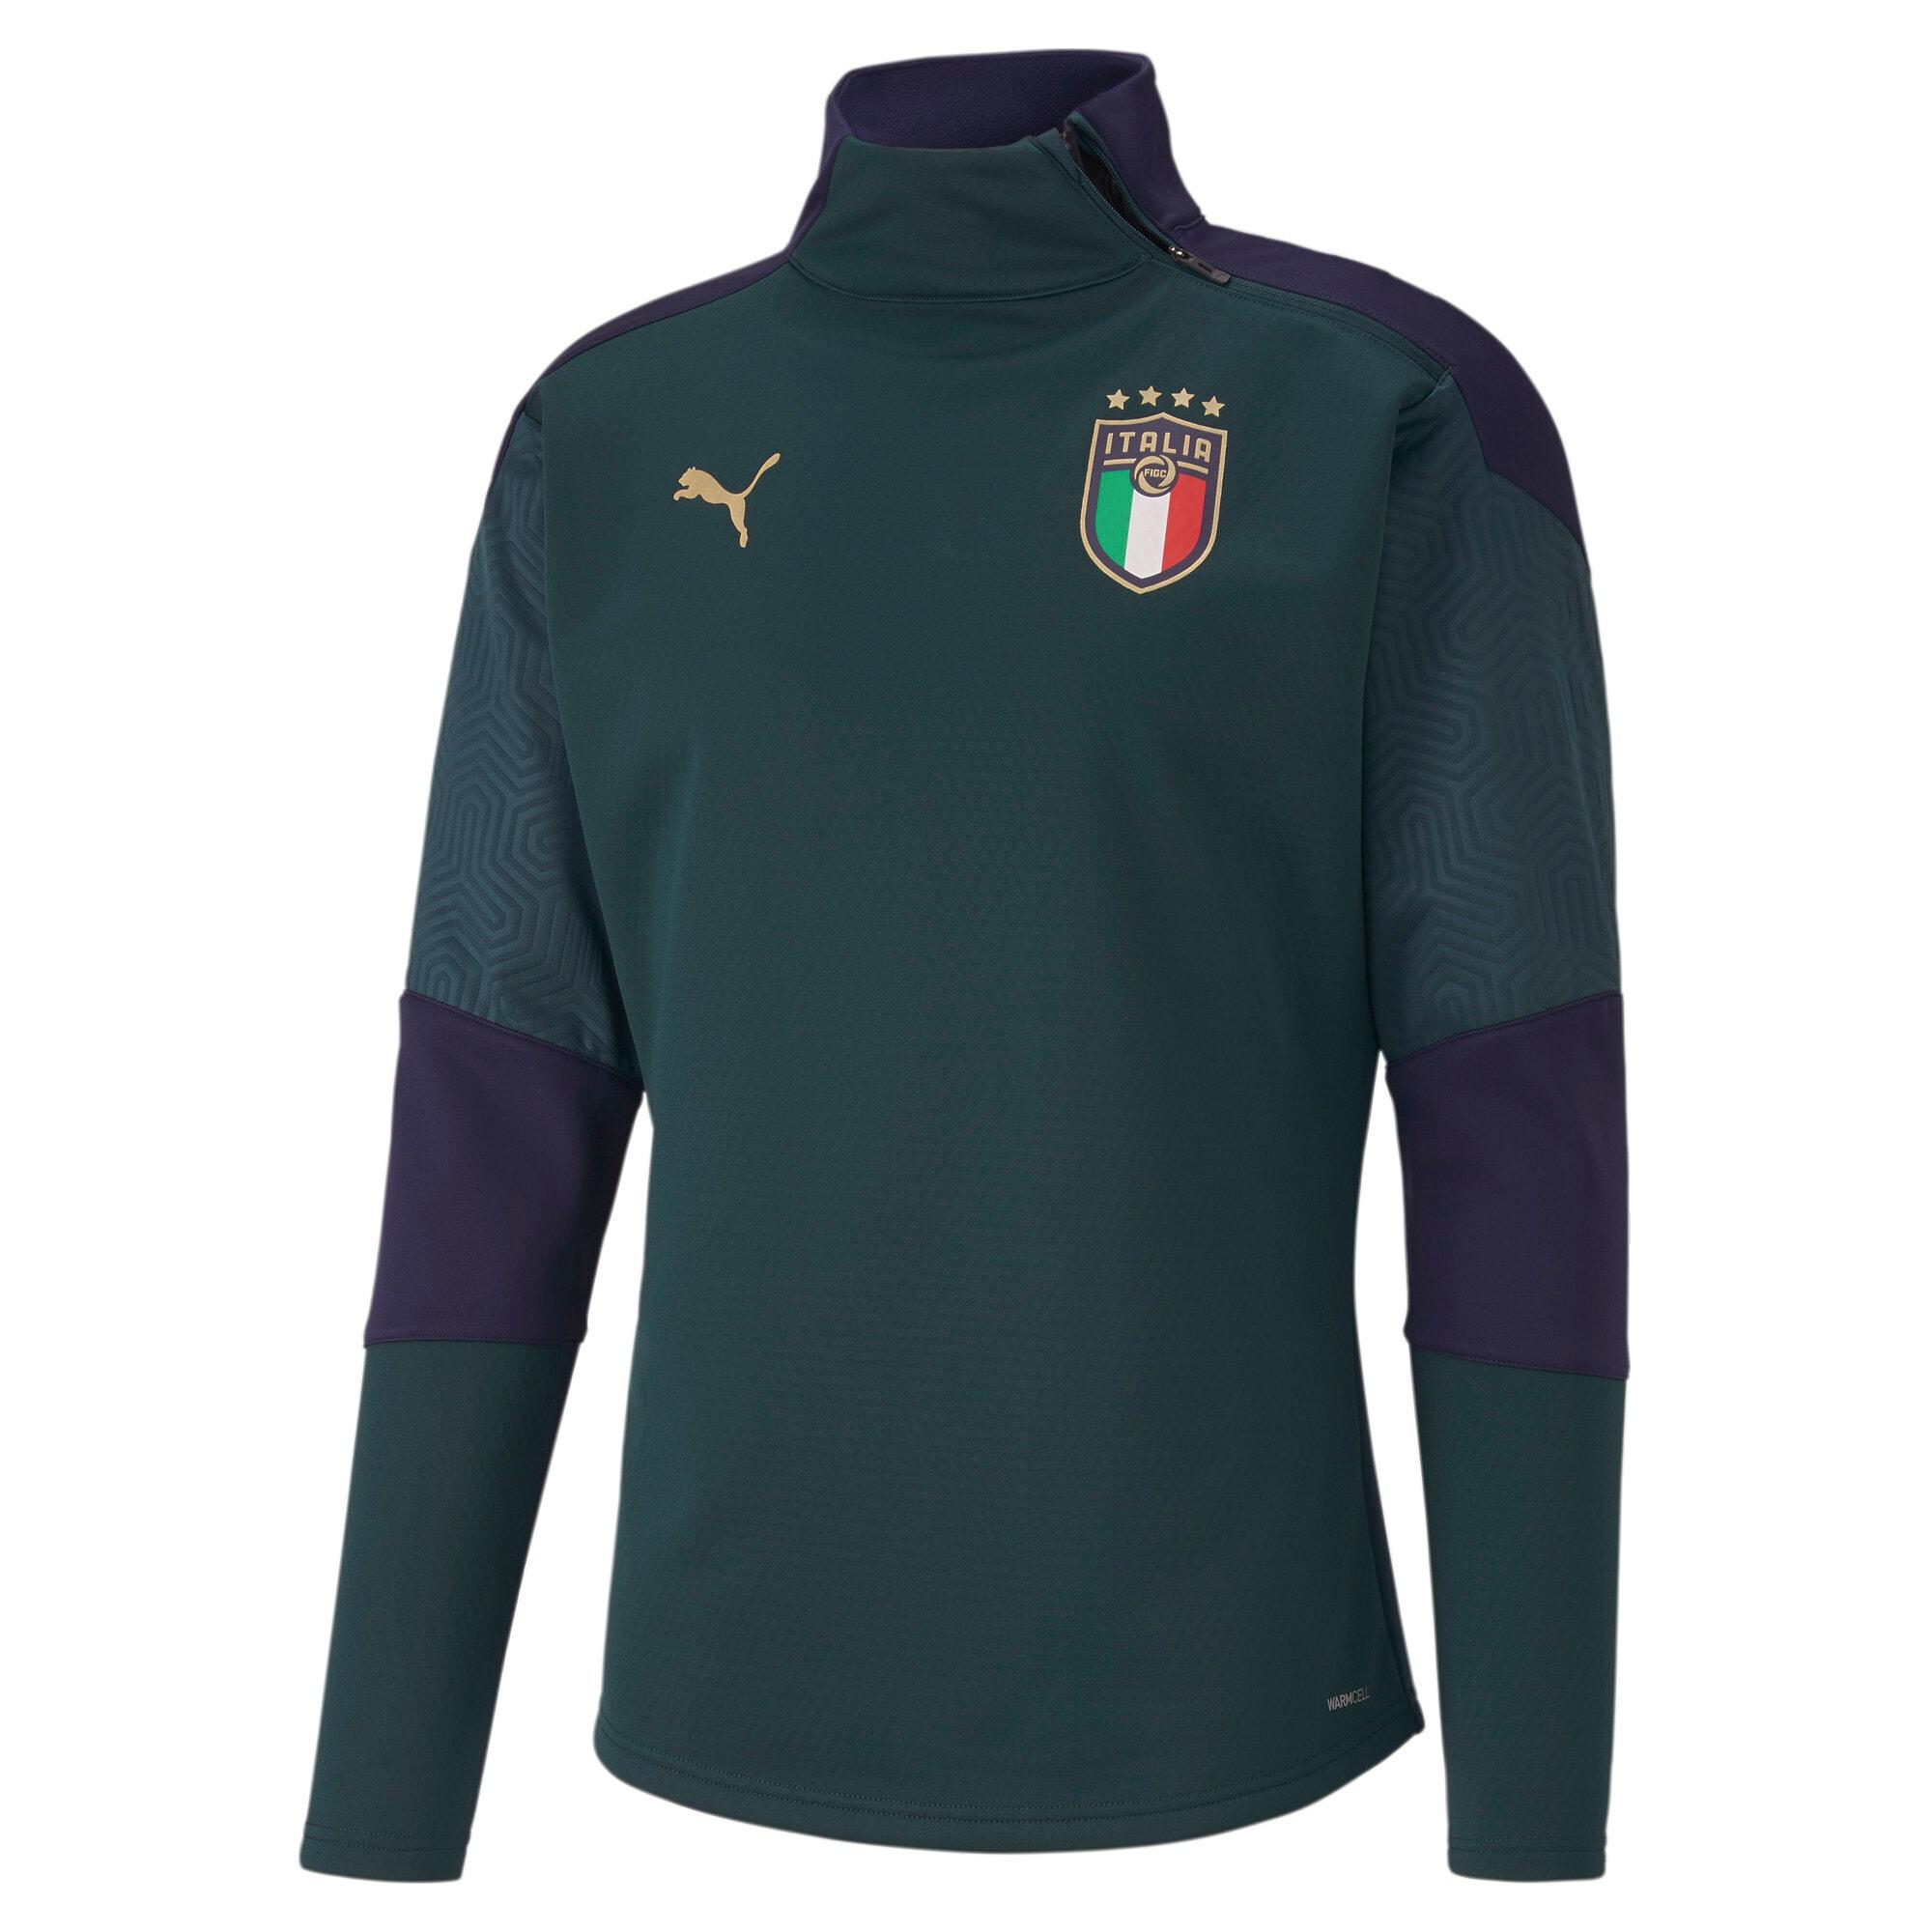 Thumbnail 1 of FIGC イタリア トレーニング フリース, Ponderosa Pine-Peacoat, medium-JPN